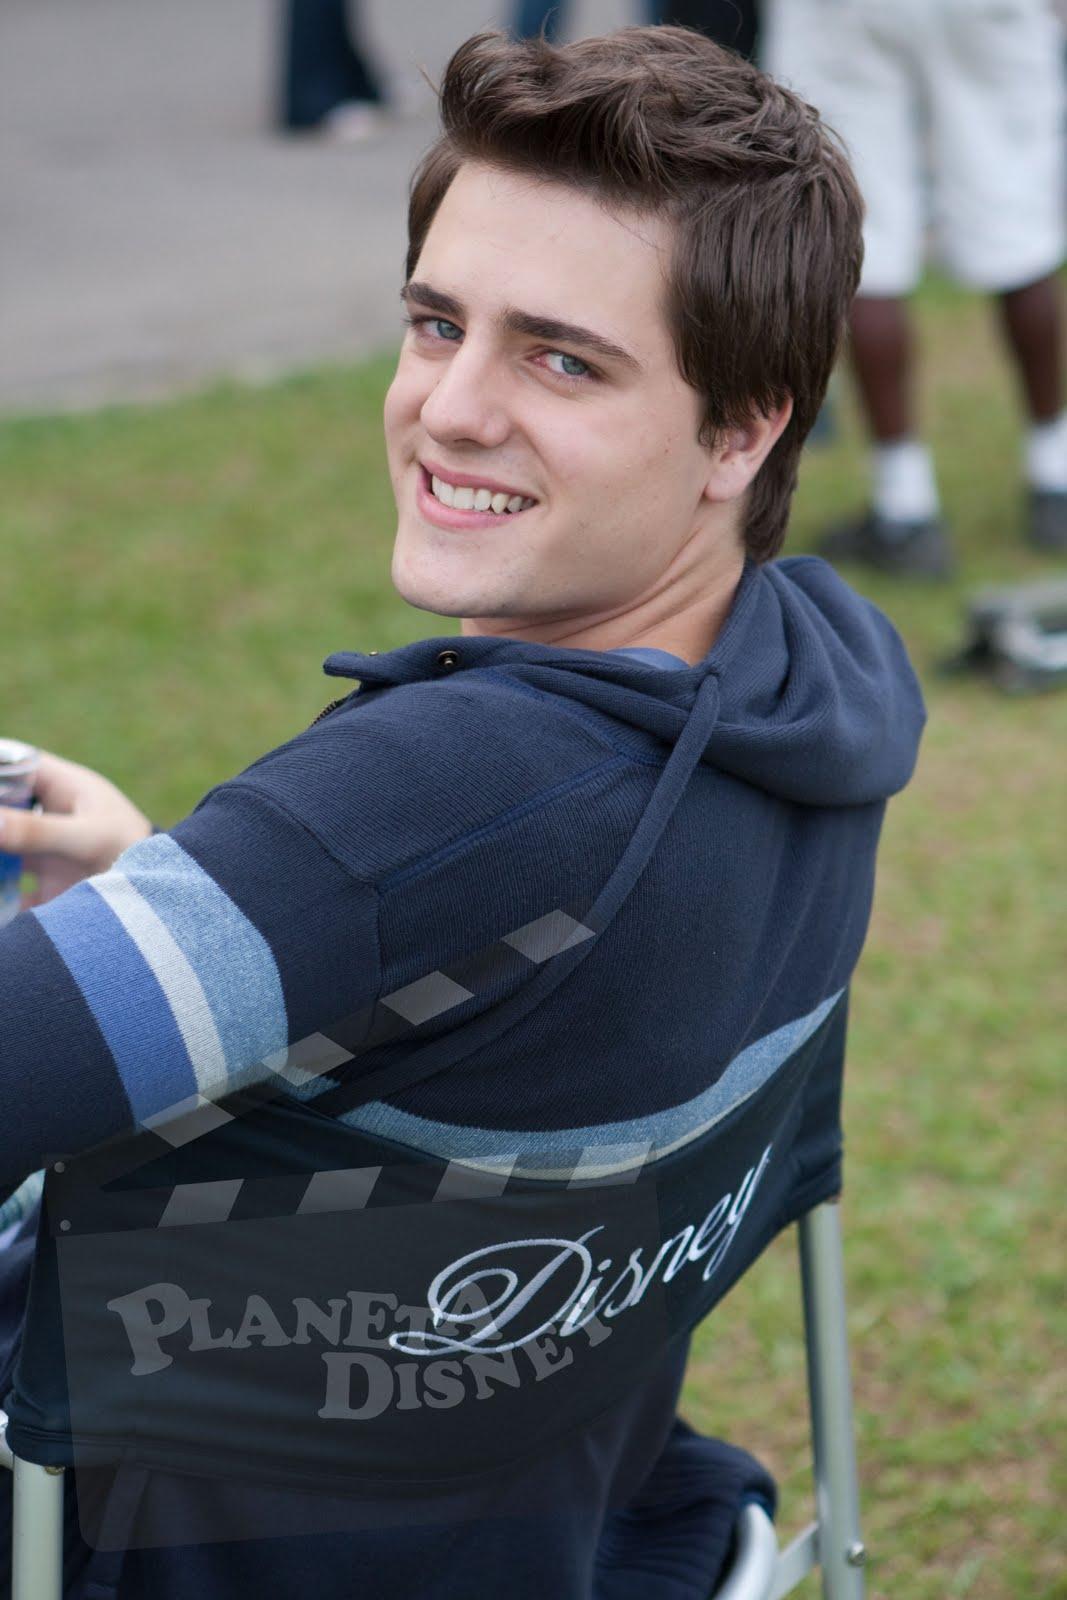 [Olavo+Cavalheiro+brinca+com+a+cadeira+da+Disney+no+set++de+filmagens.jpg_rgb.jpg]